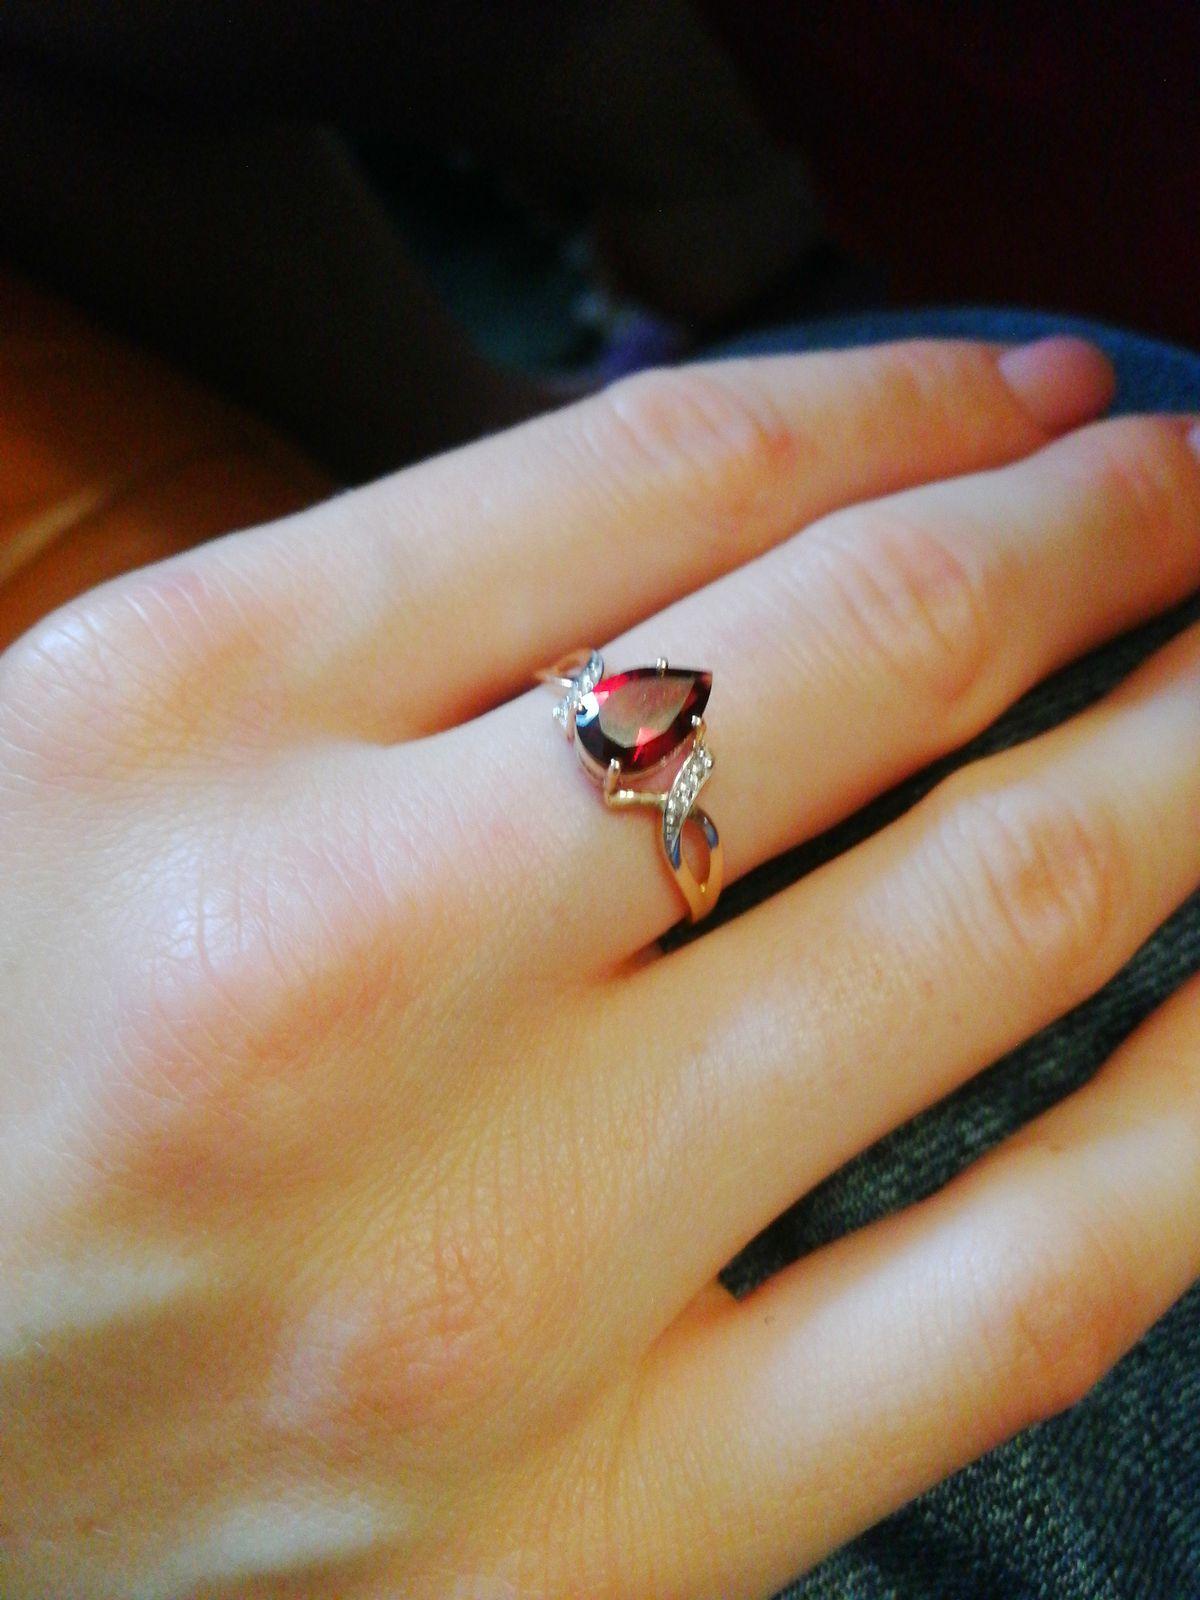 Красивое кольцо за привлекательную цену